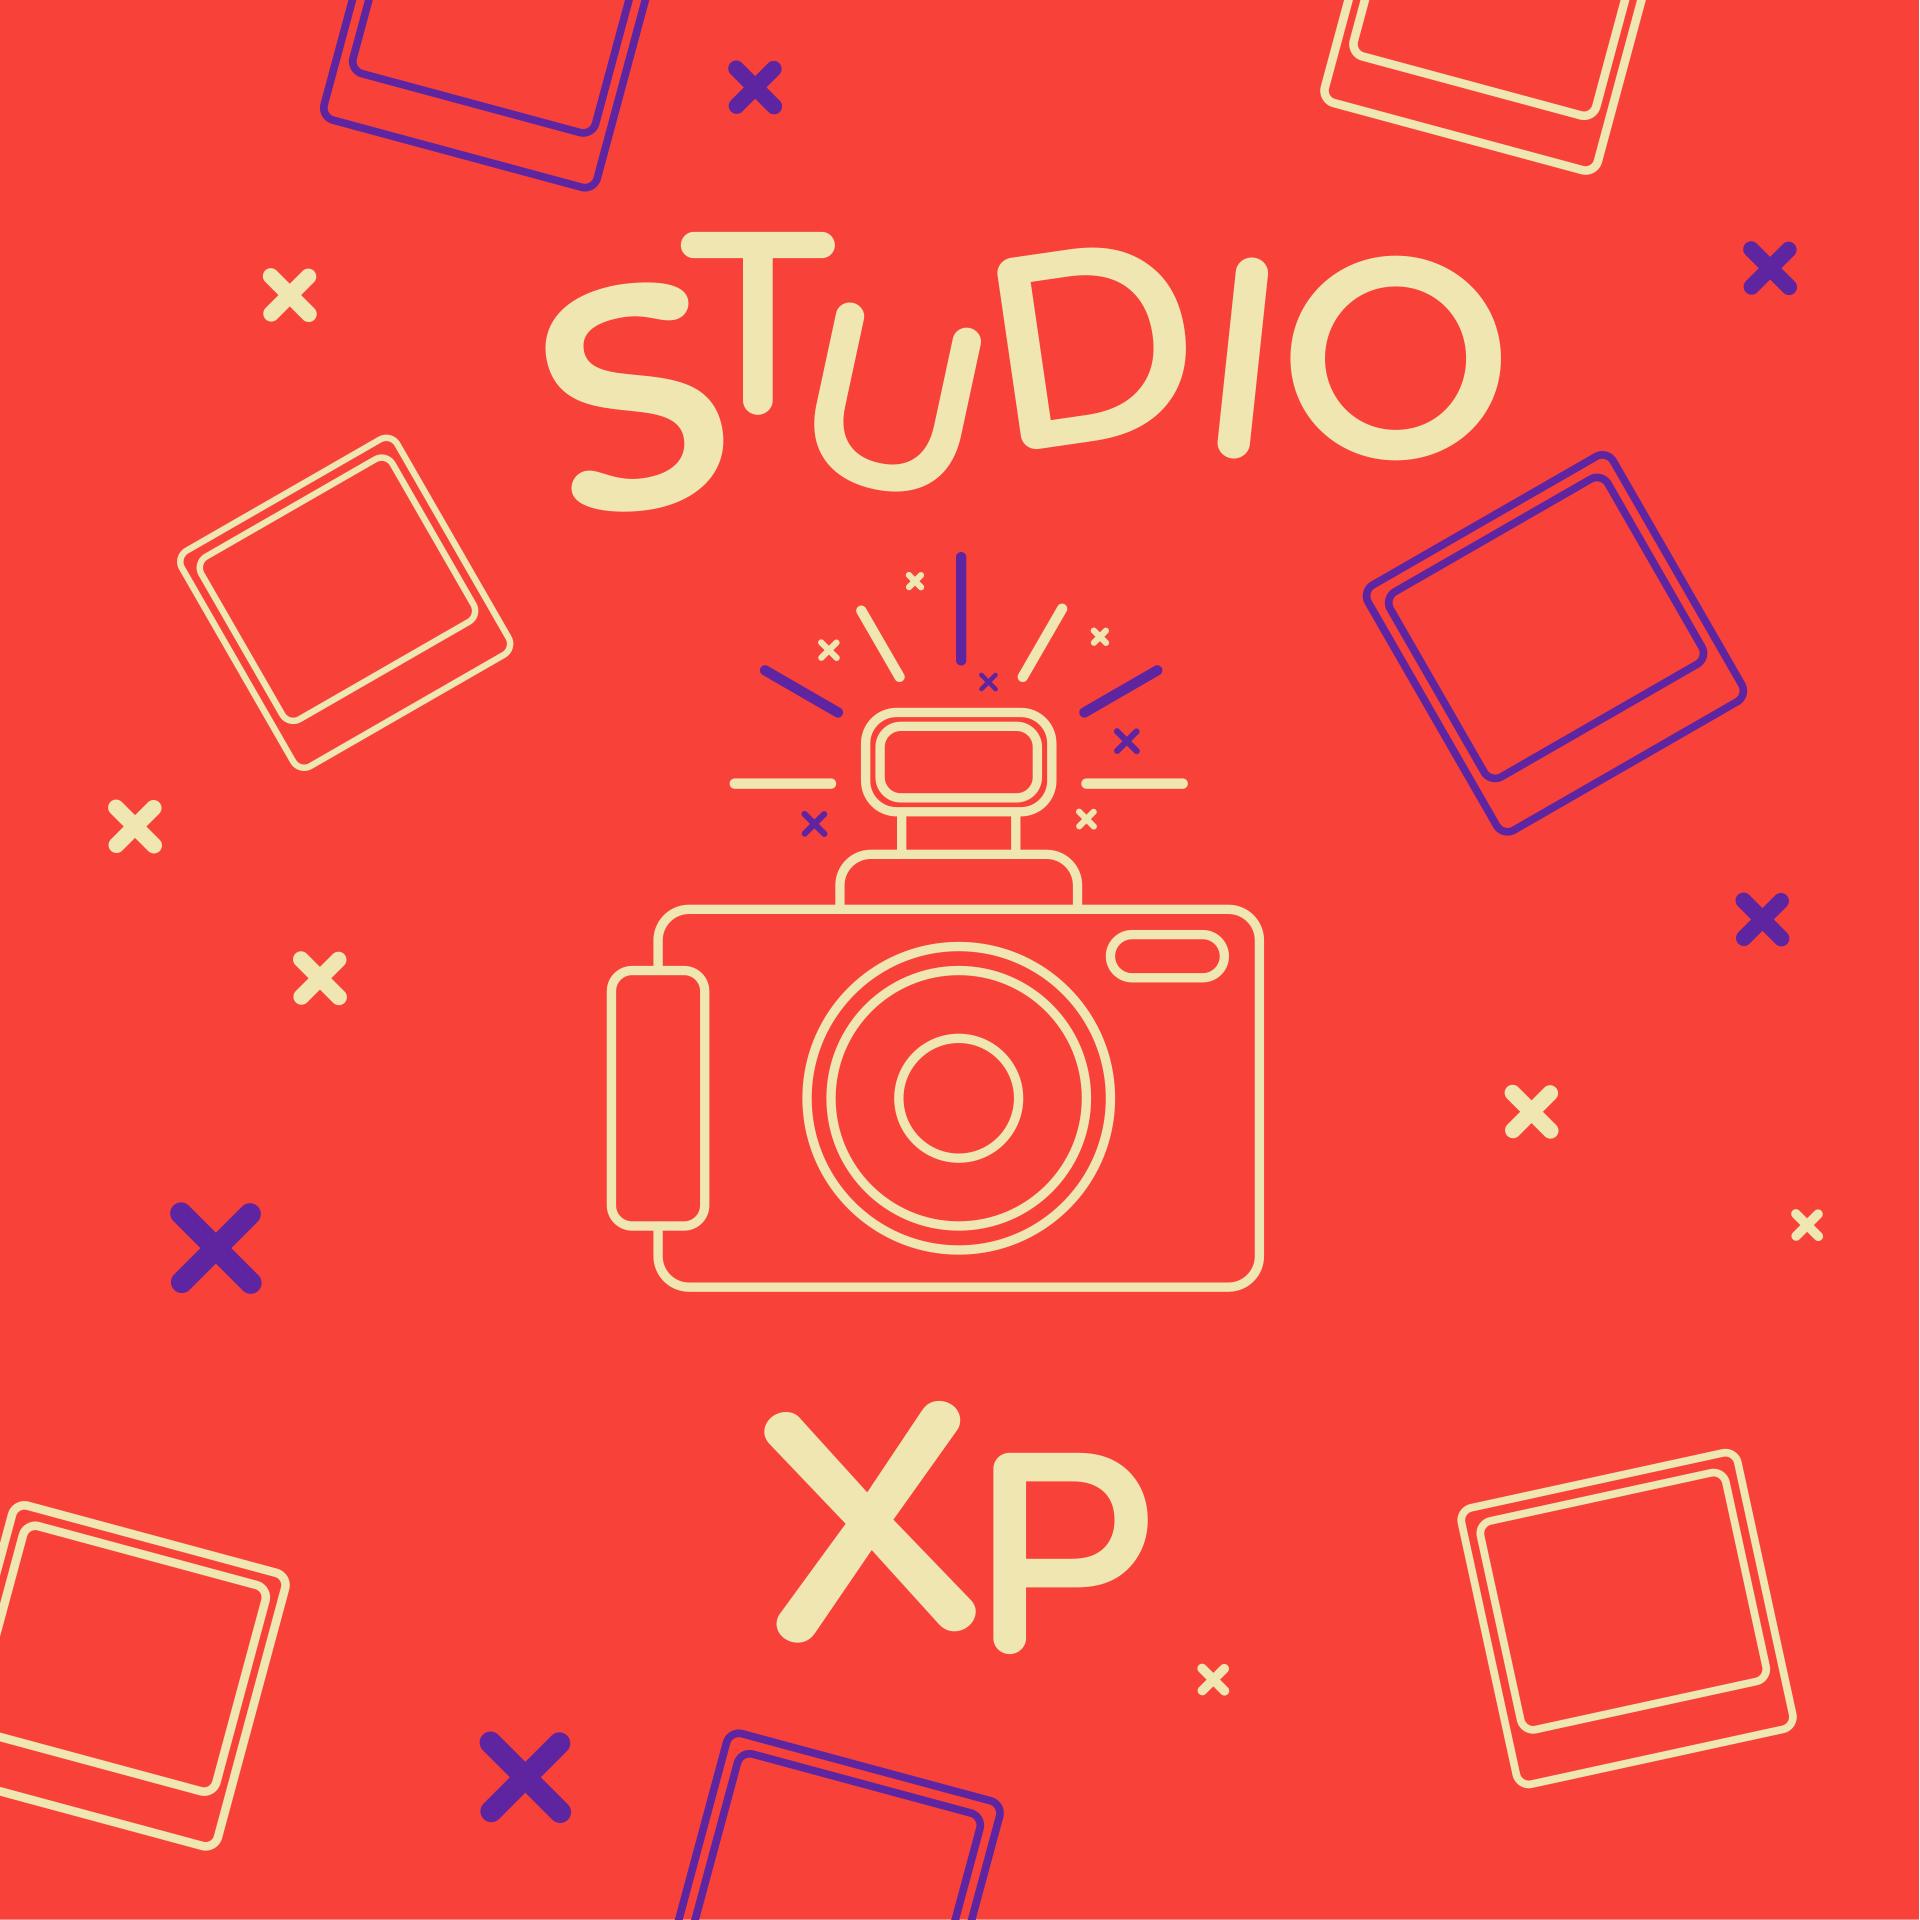 Studio XP